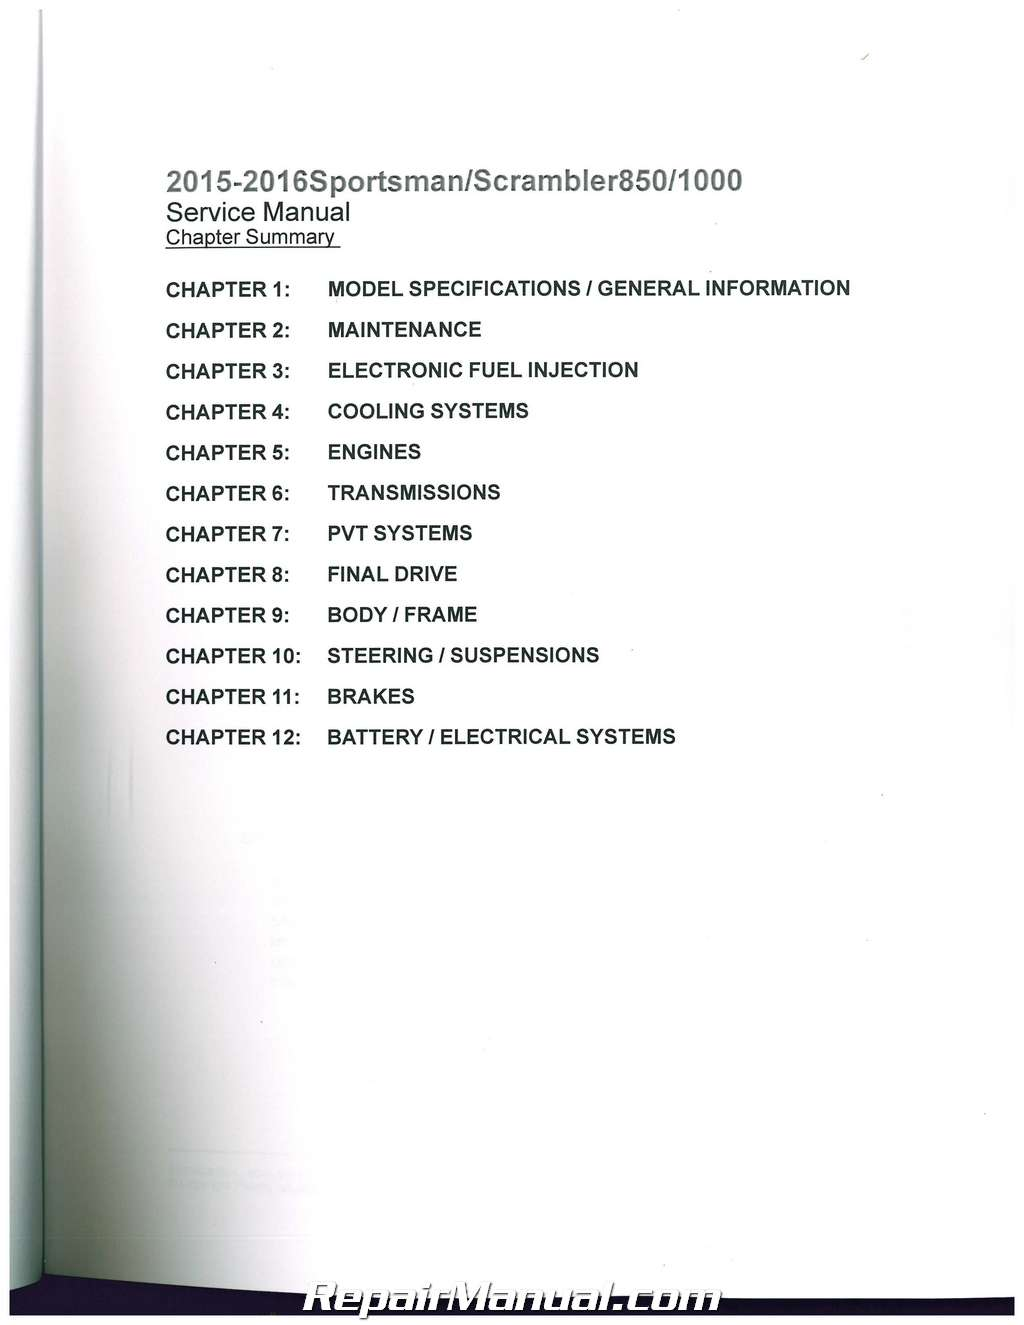 2015 Sportsman 6x6 Service Manual Pdf